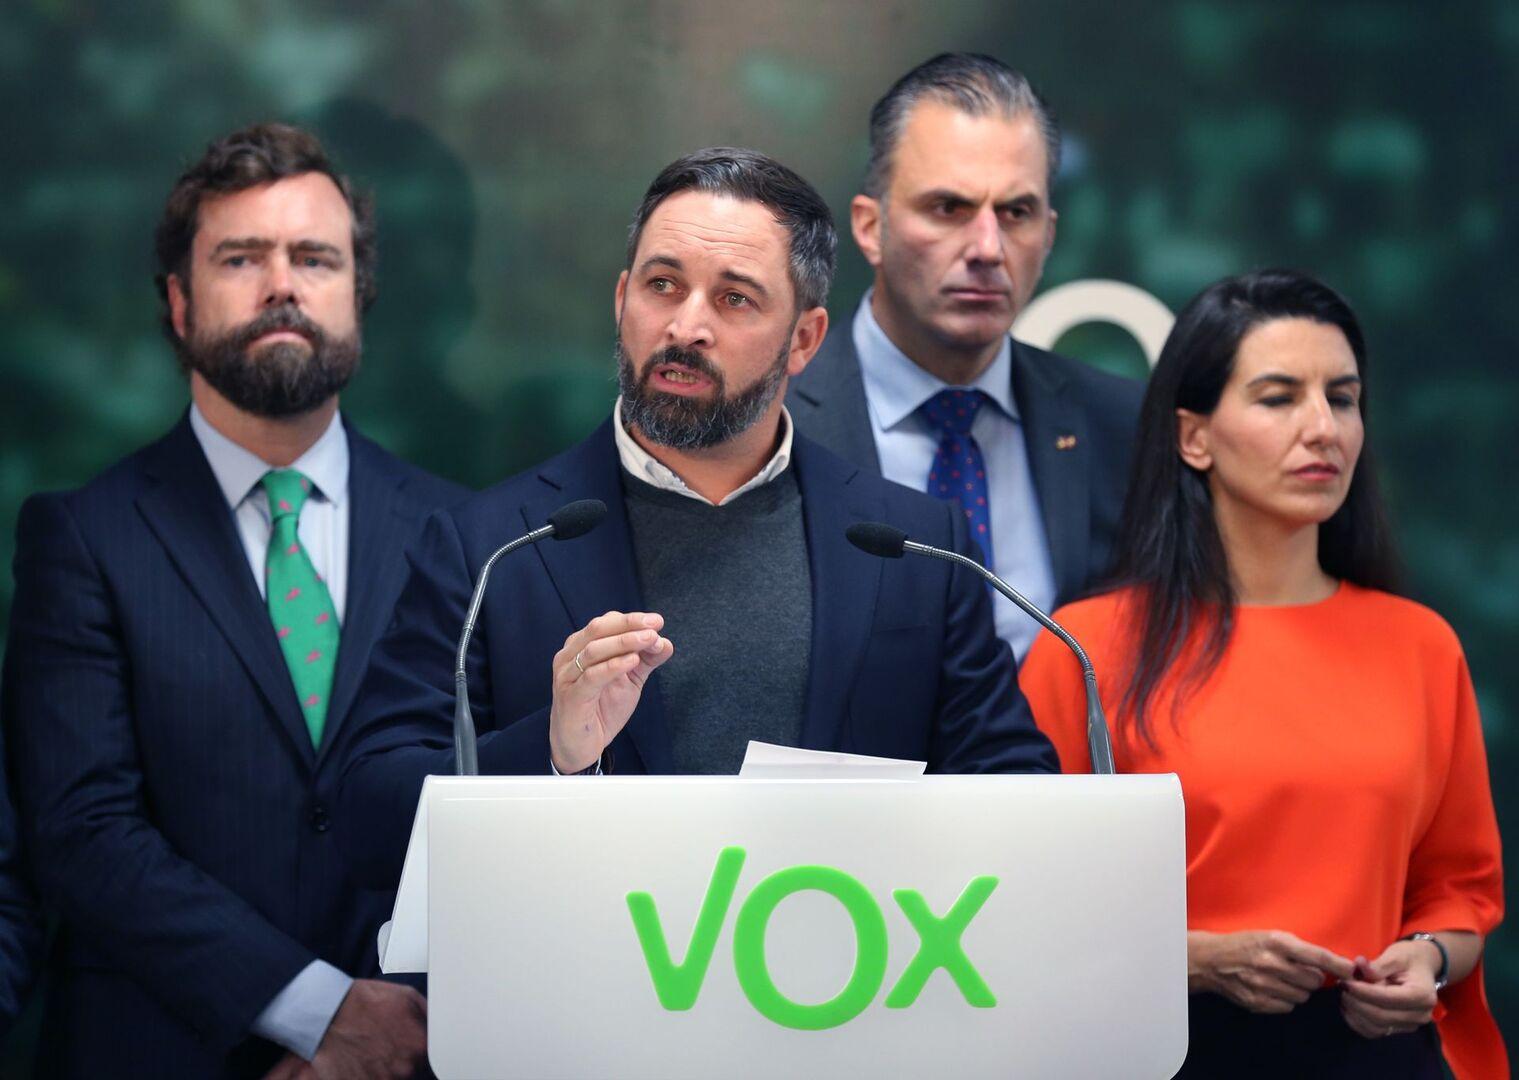 [VOX] SANTIAGO ABASCAL: El gobierno catalán no ha parado de destruir, por ello es más necesario que nunca la aplicación del 155 Santiago-abascal